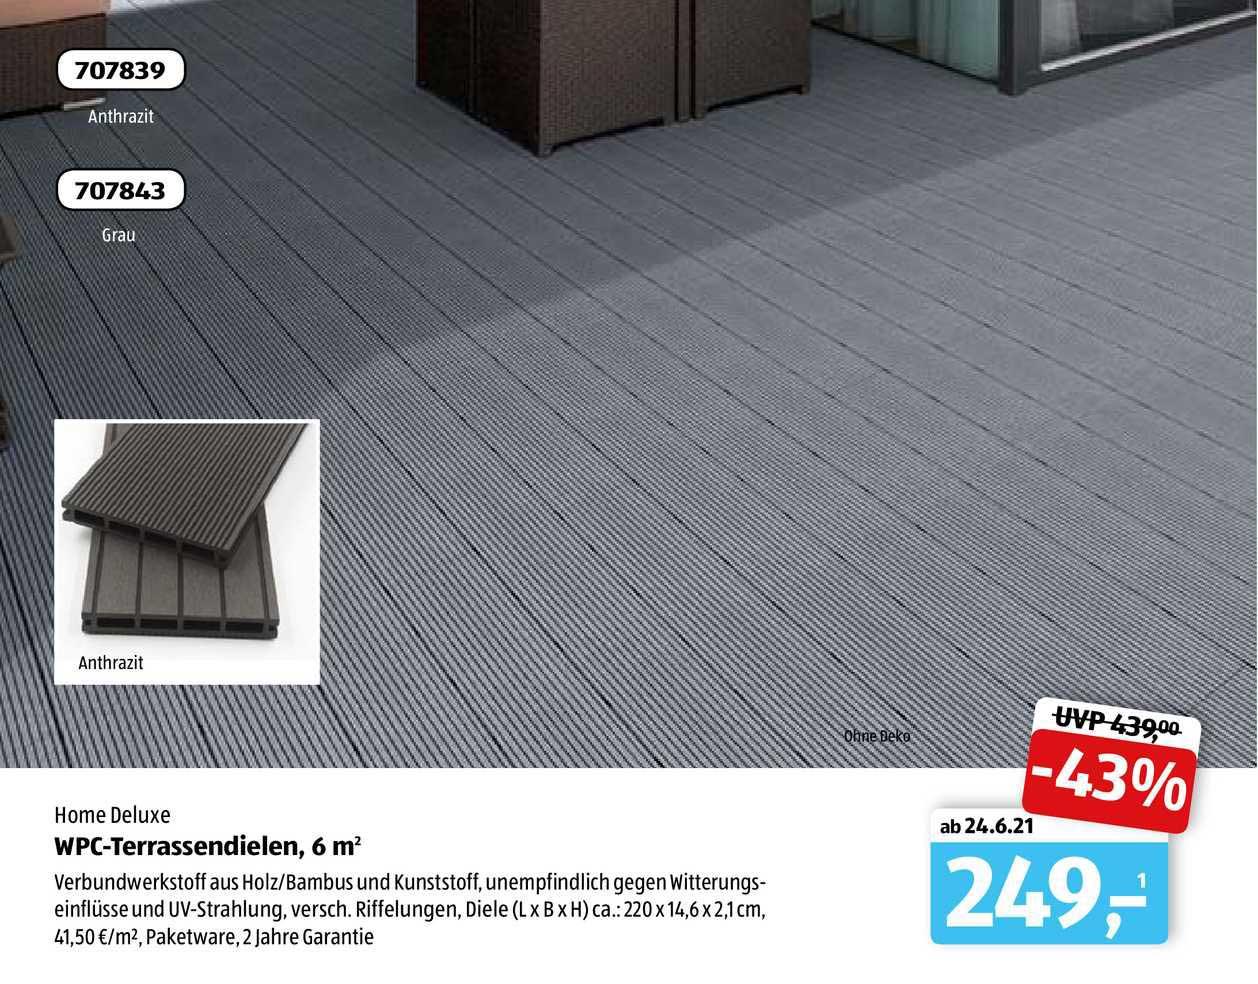 Wpc terrassendielen 200 M20 Home Deluxe Angebot bei ALDI sud